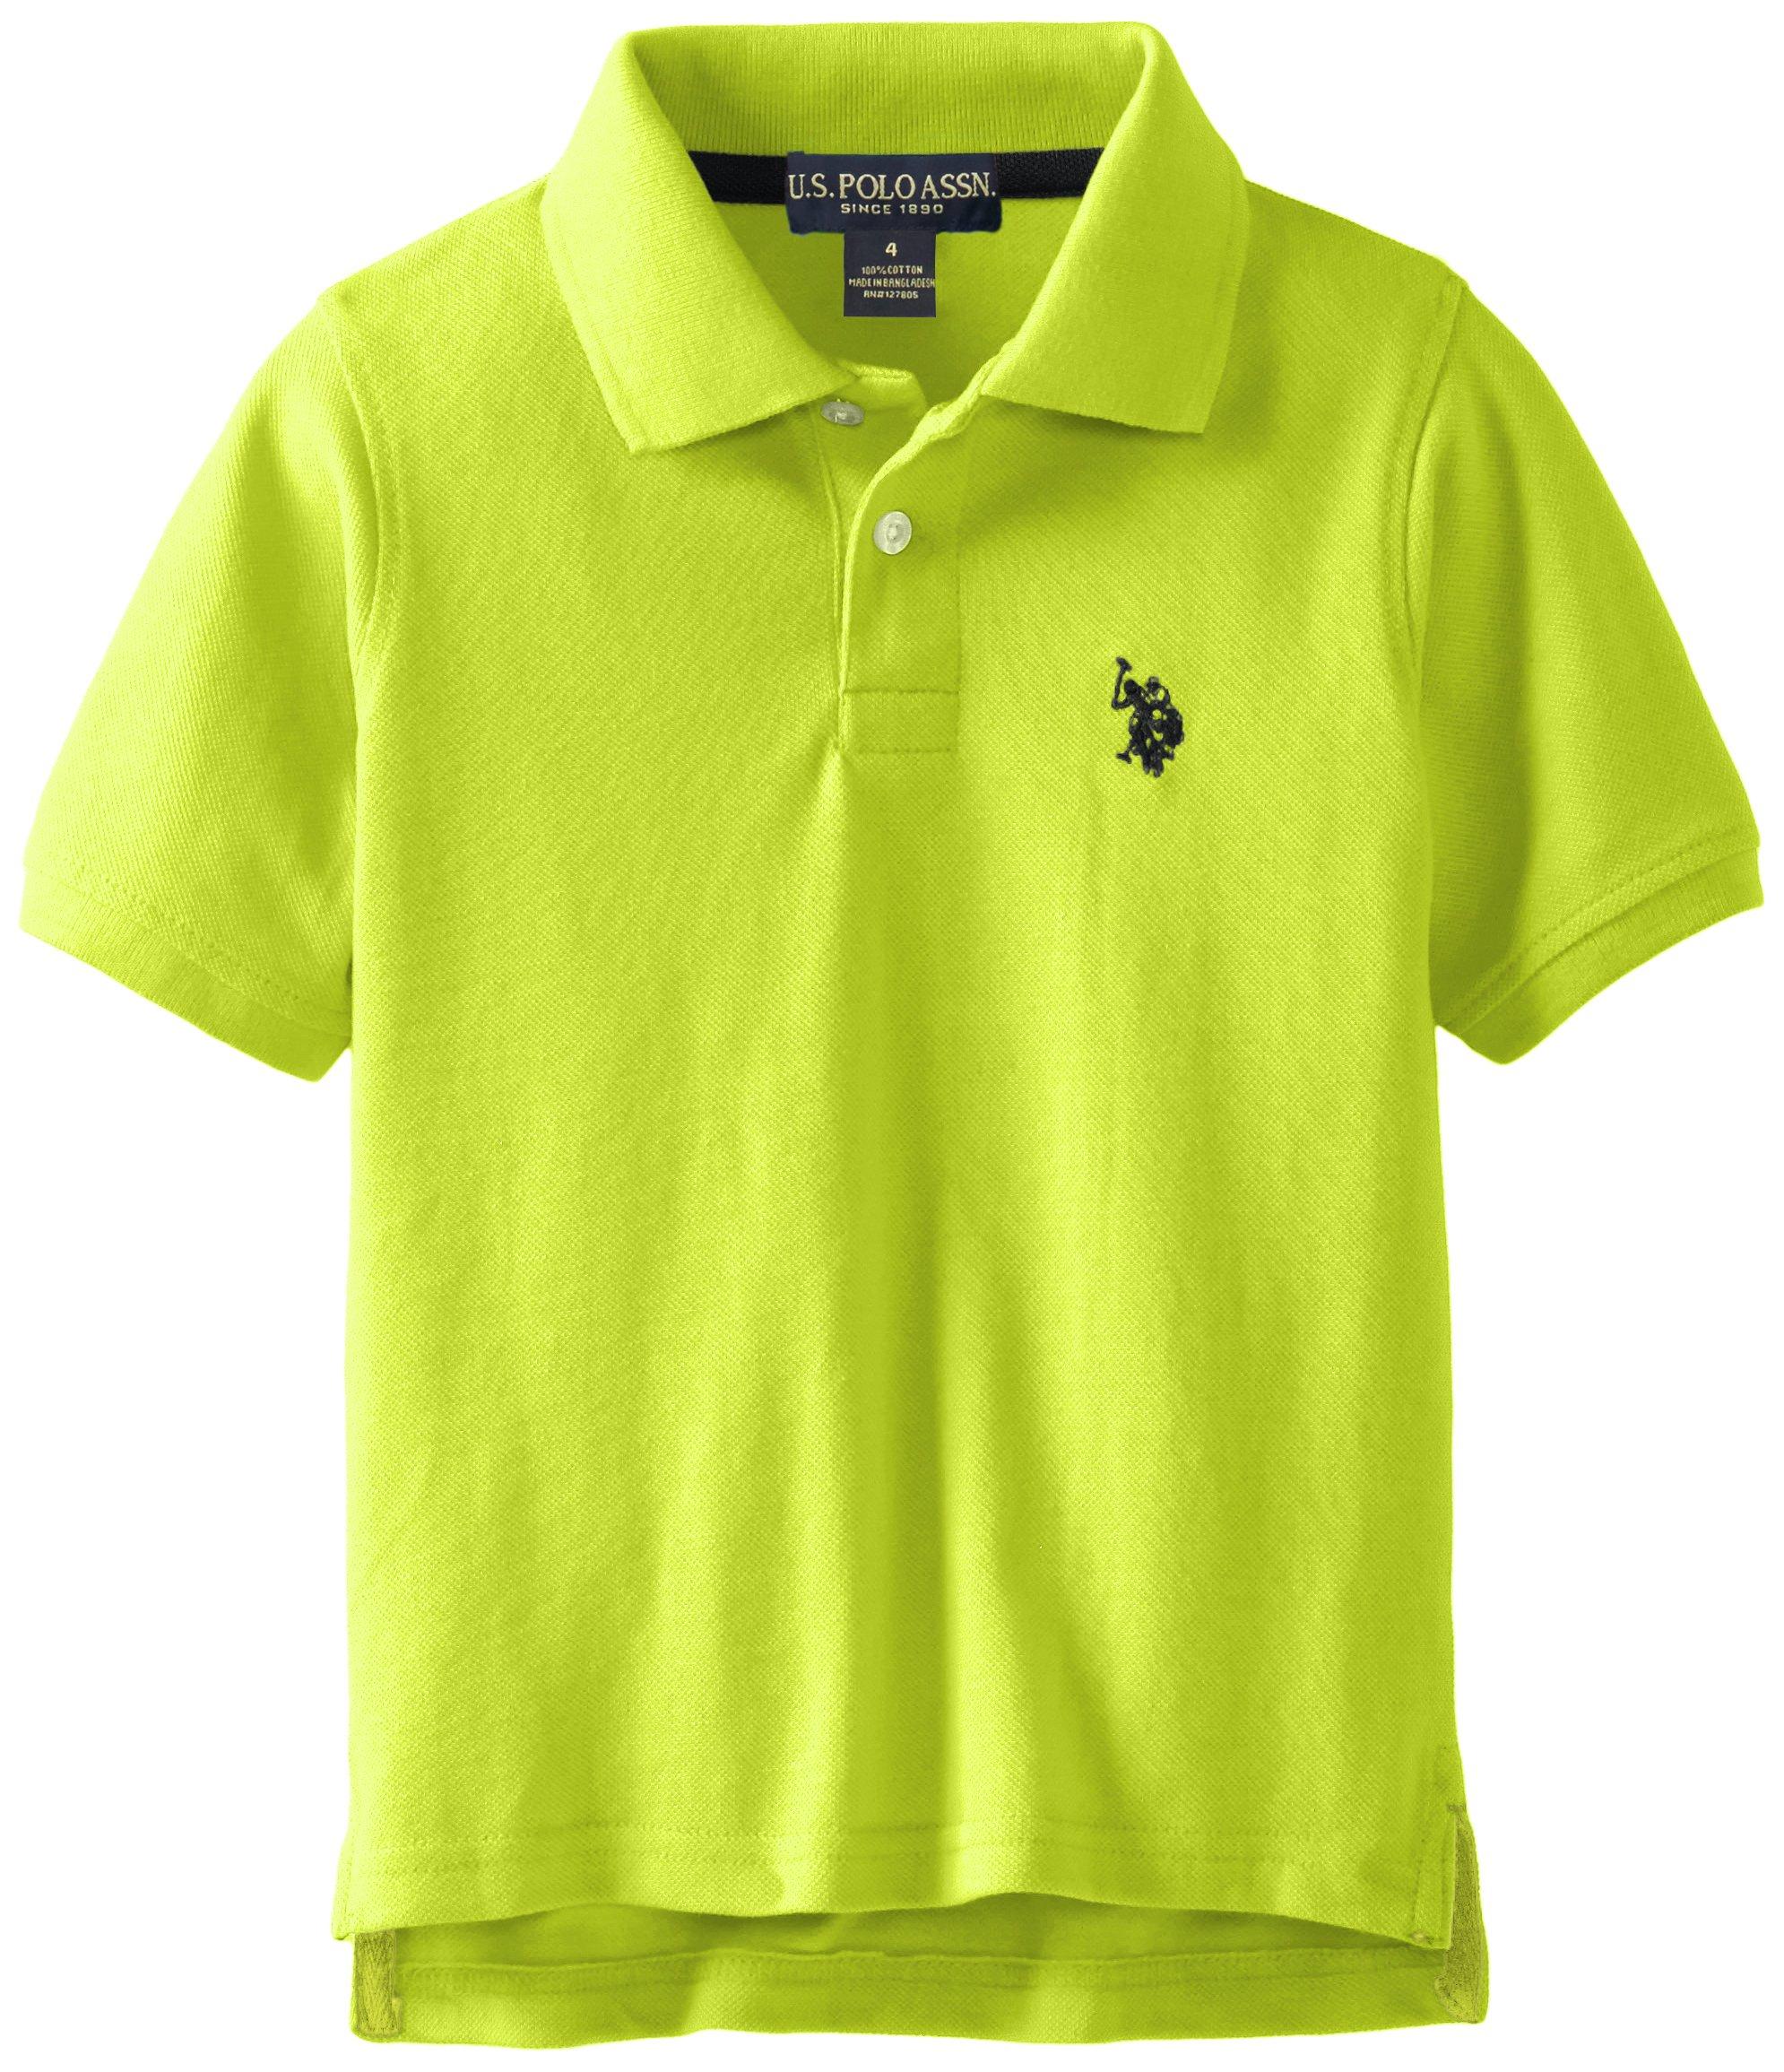 U.S. Polo Assn. Big Boys' Classic Short Sleeve Solid Pique Polo Shirt, Apple Green, 14/16